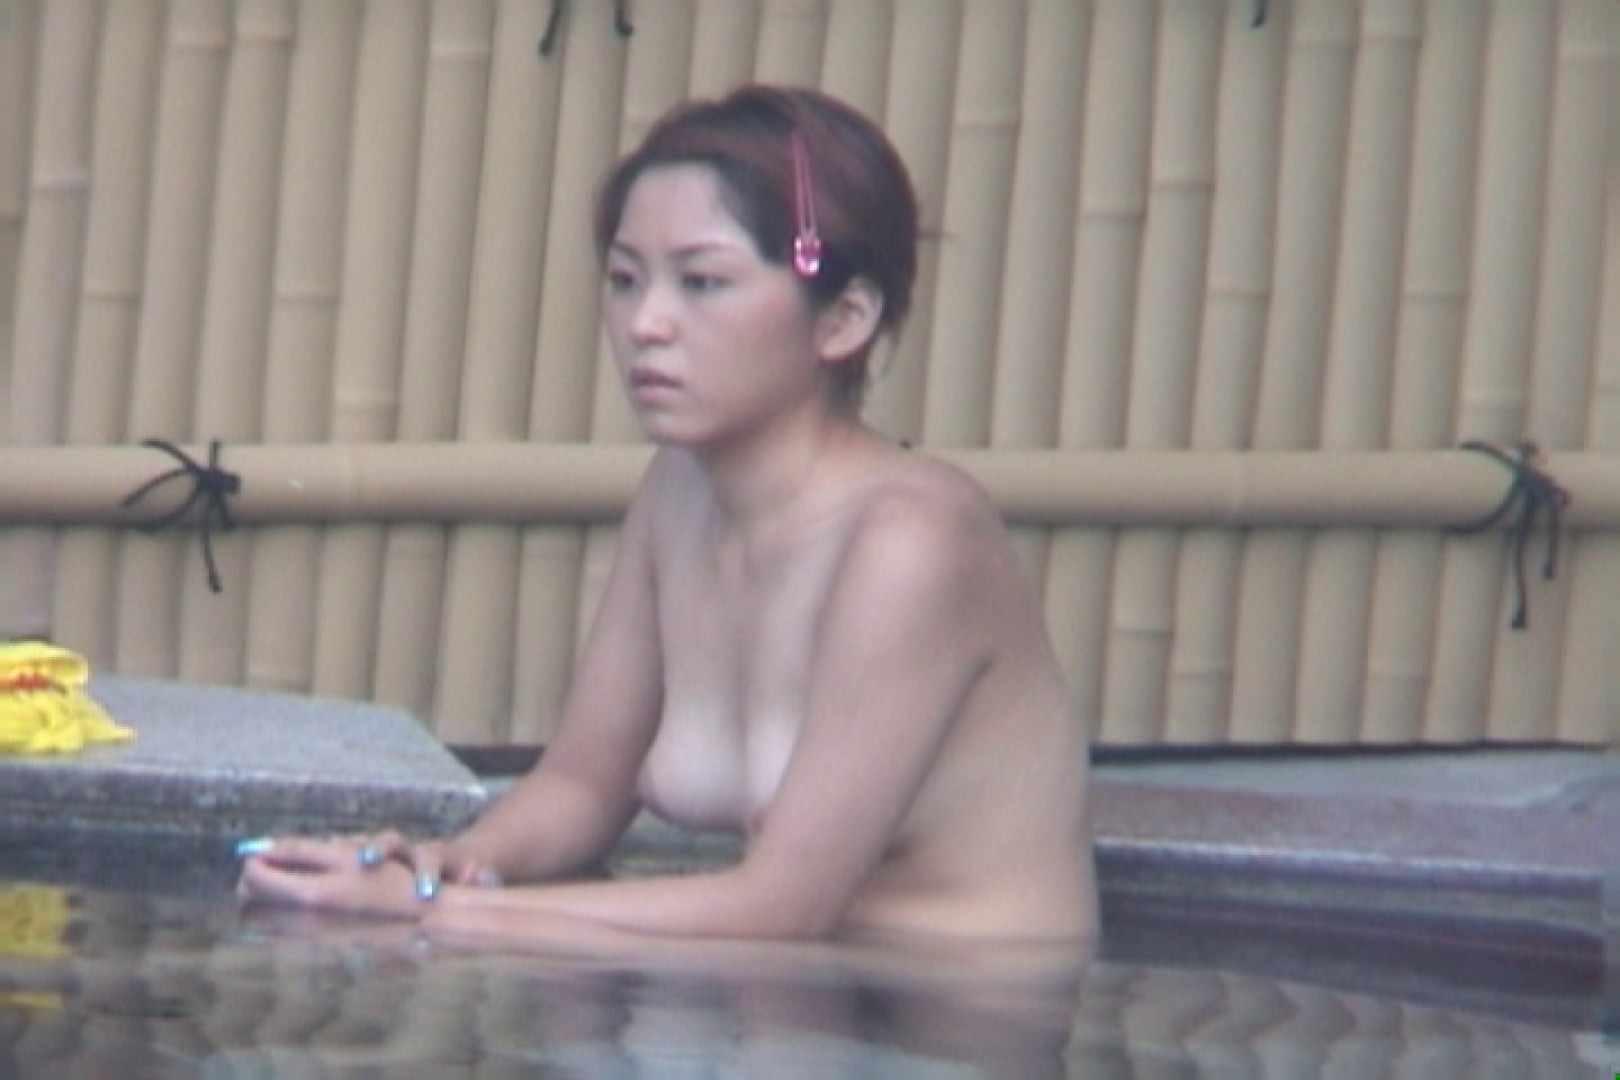 Aquaな露天風呂Vol.574 OLのエロ生活 エロ画像 95連発 62